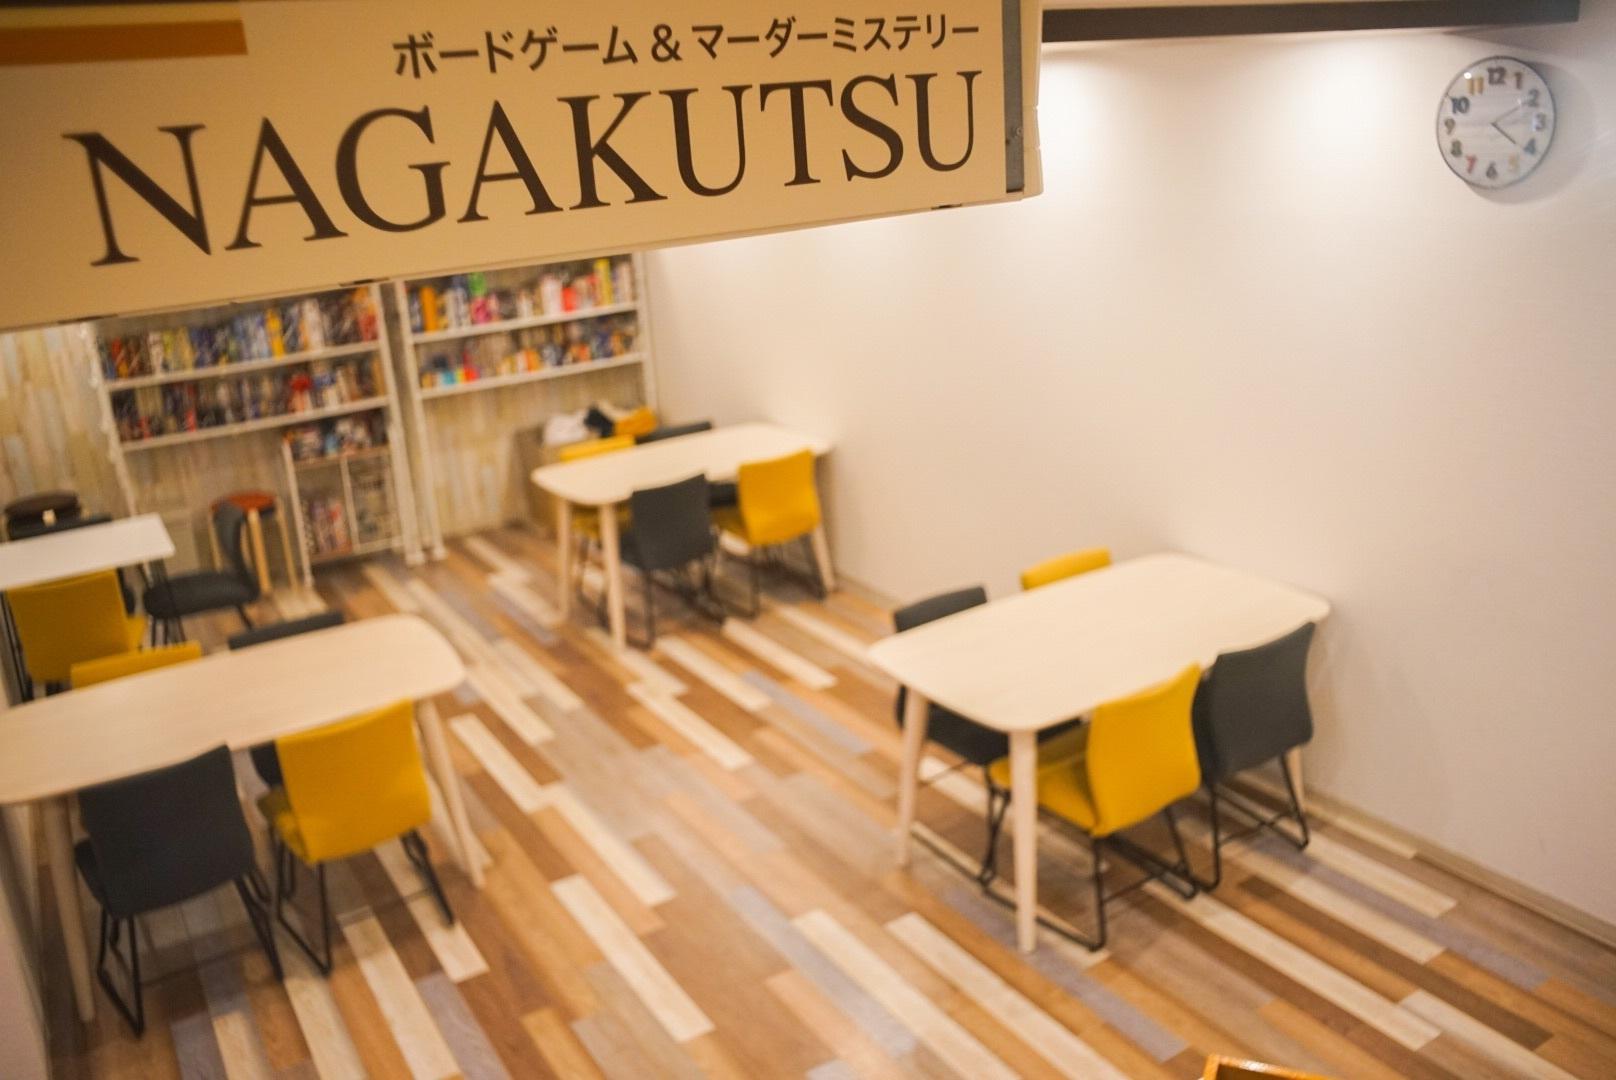 ボードゲームスペースNAGAKUTSU(ボードゲームスペースナガクツ)